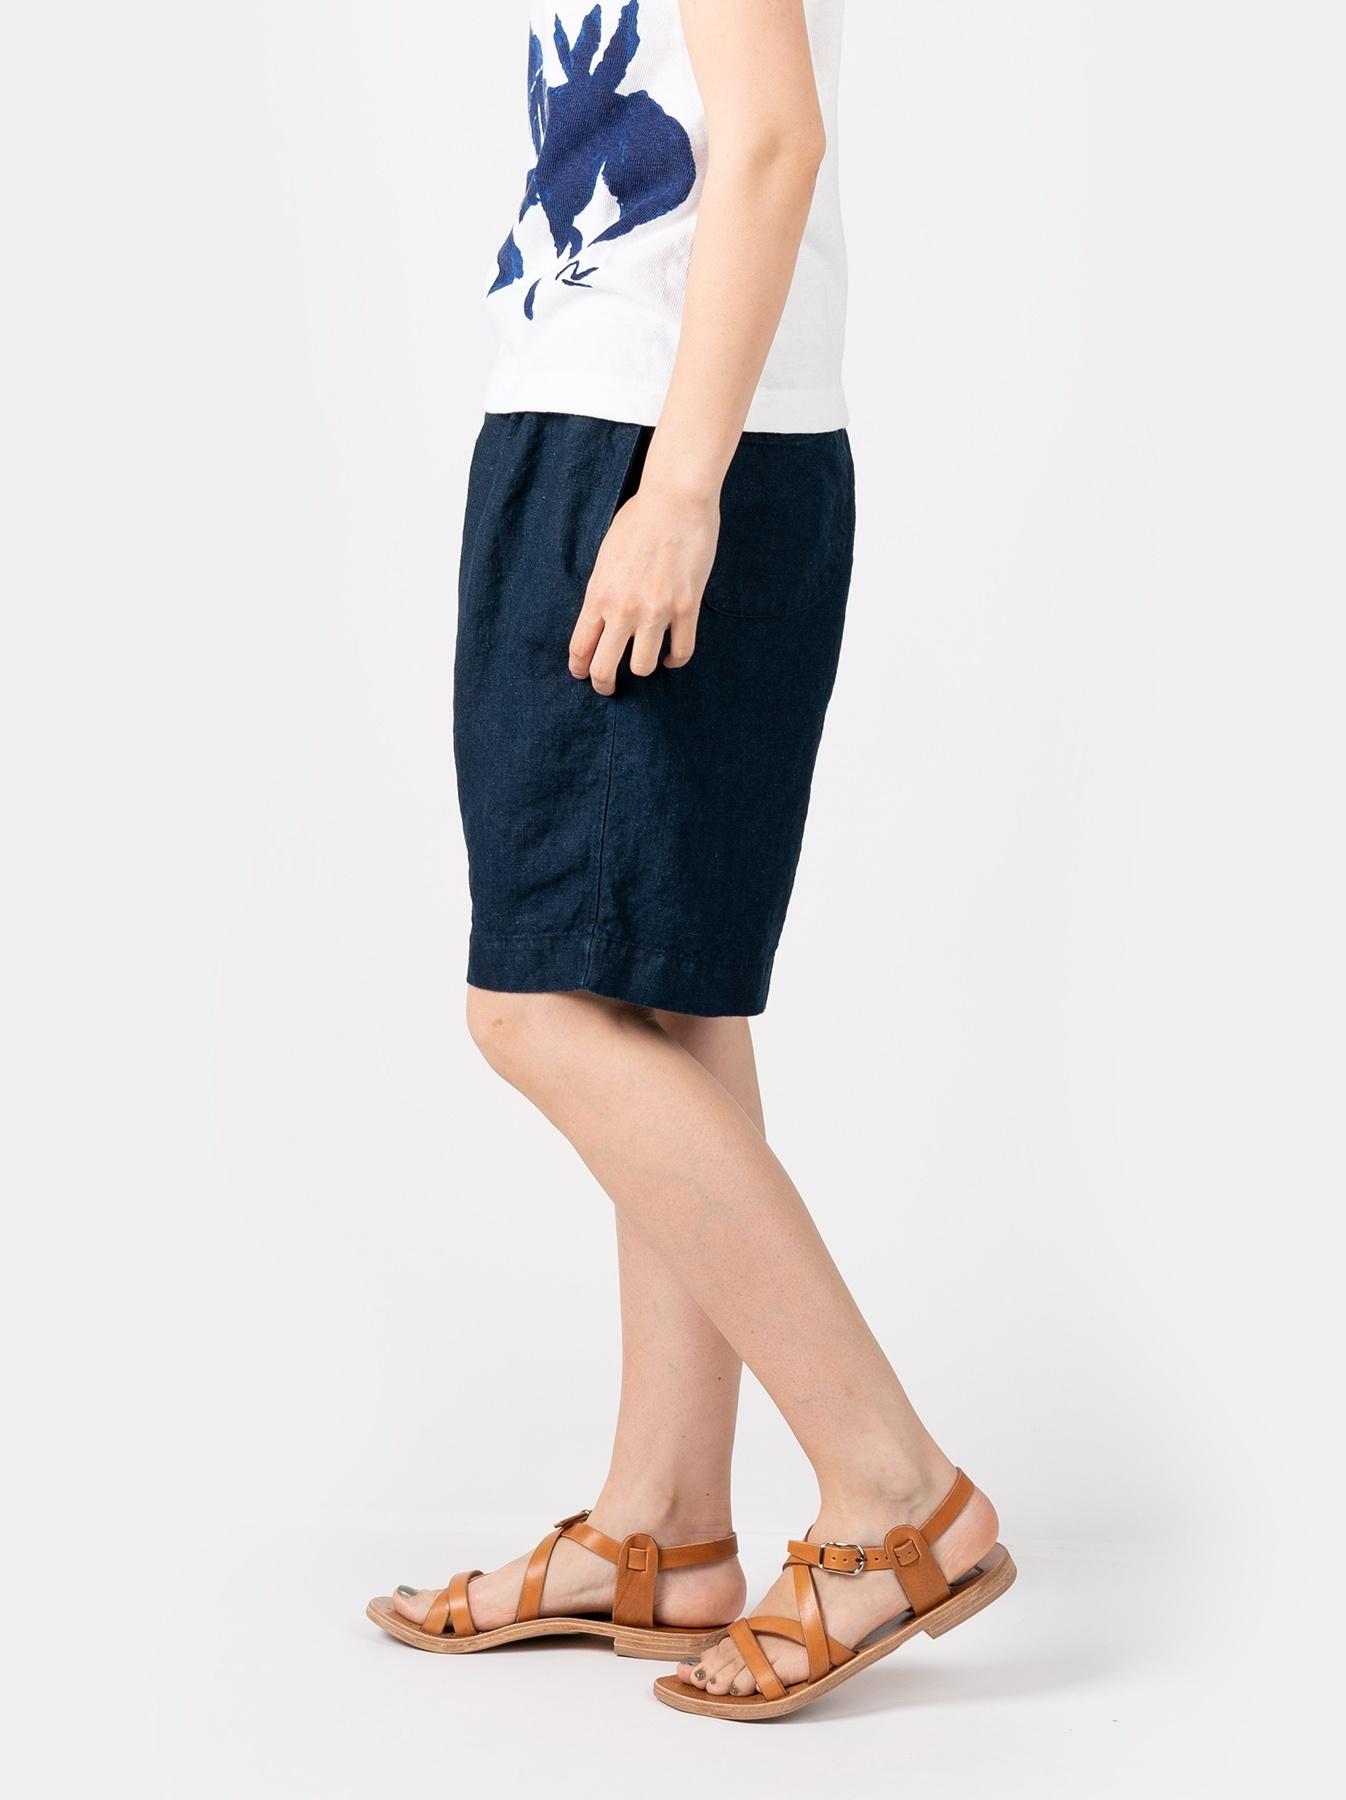 WH Indigo Doek Majotae Umiiloha 908 Short Pants-4